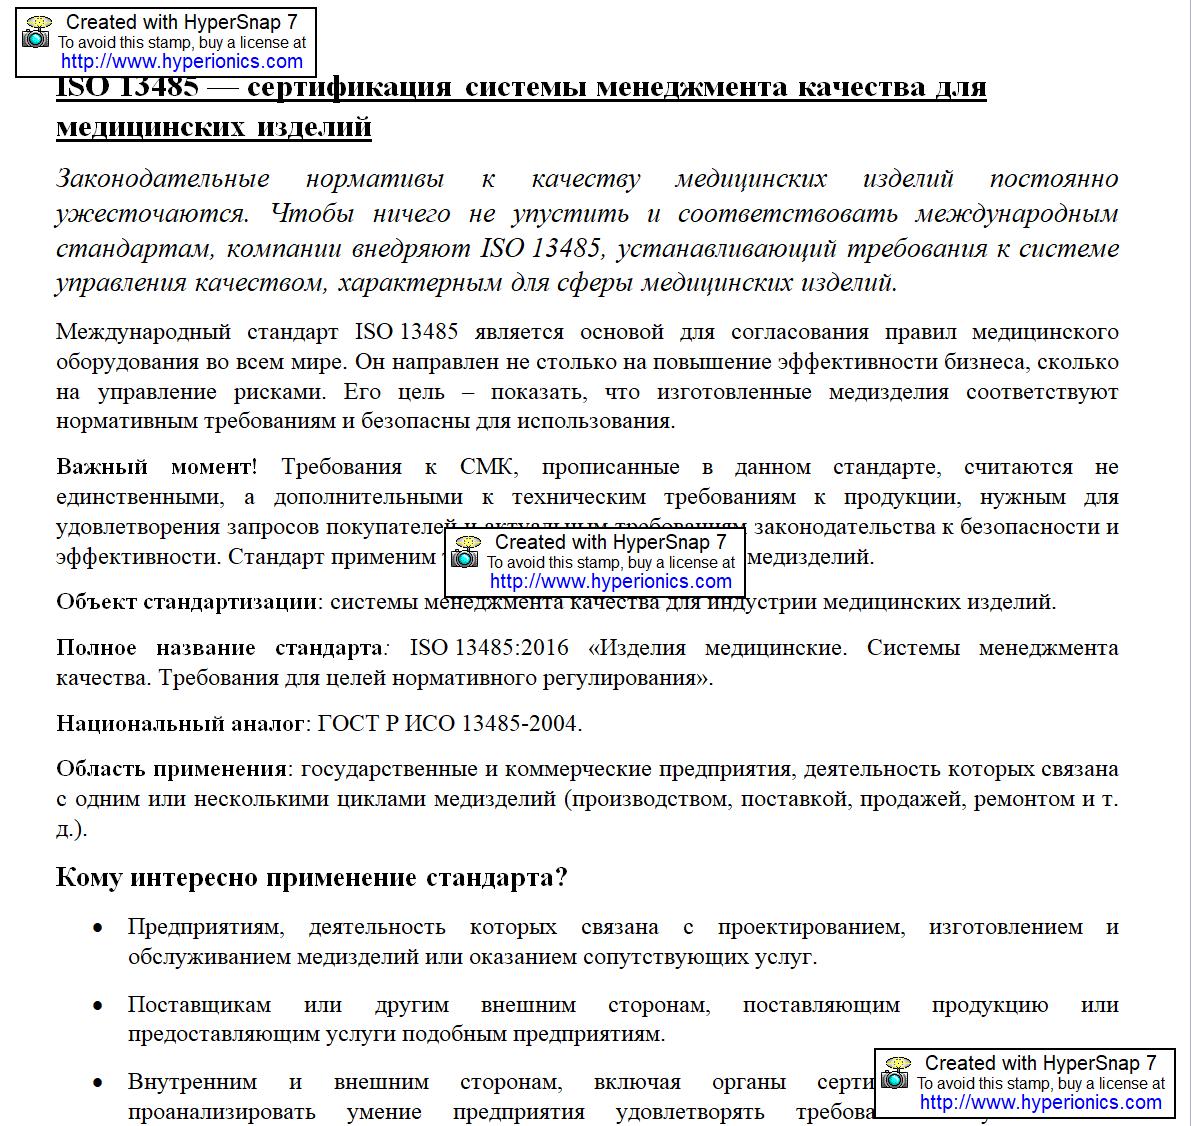 Сертификация мед. изделий ISO 13485